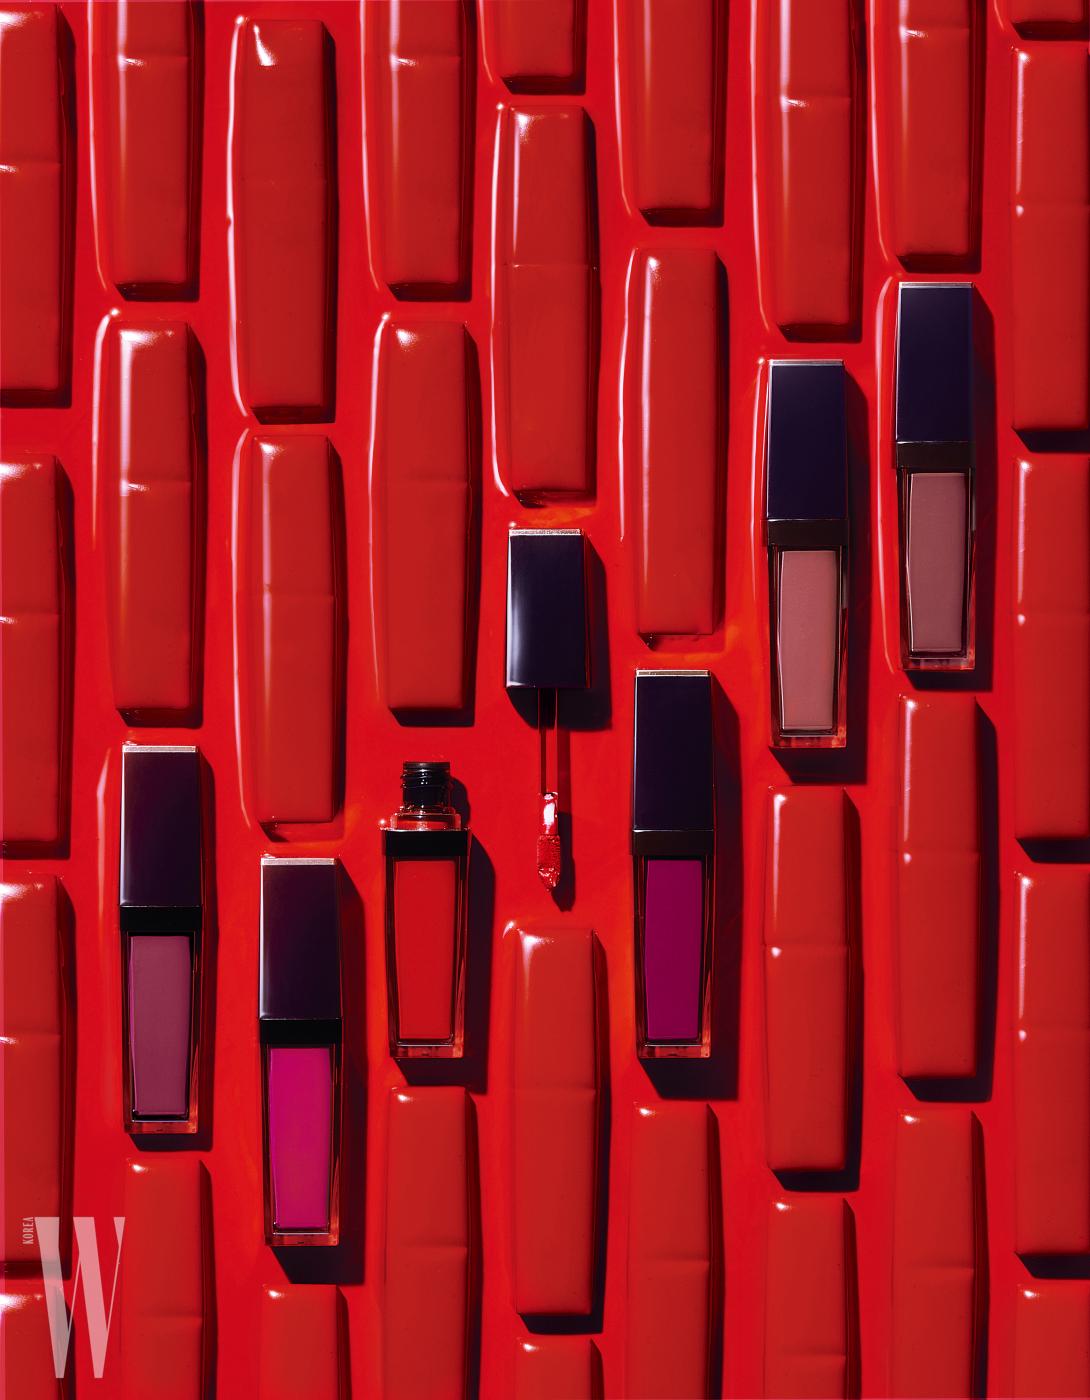 왼쪽부터 | 퓨어 컬러 엔비 페이트-온 리퀴드 립 컬러 (#407, #402, #303, #404, #200, #103)